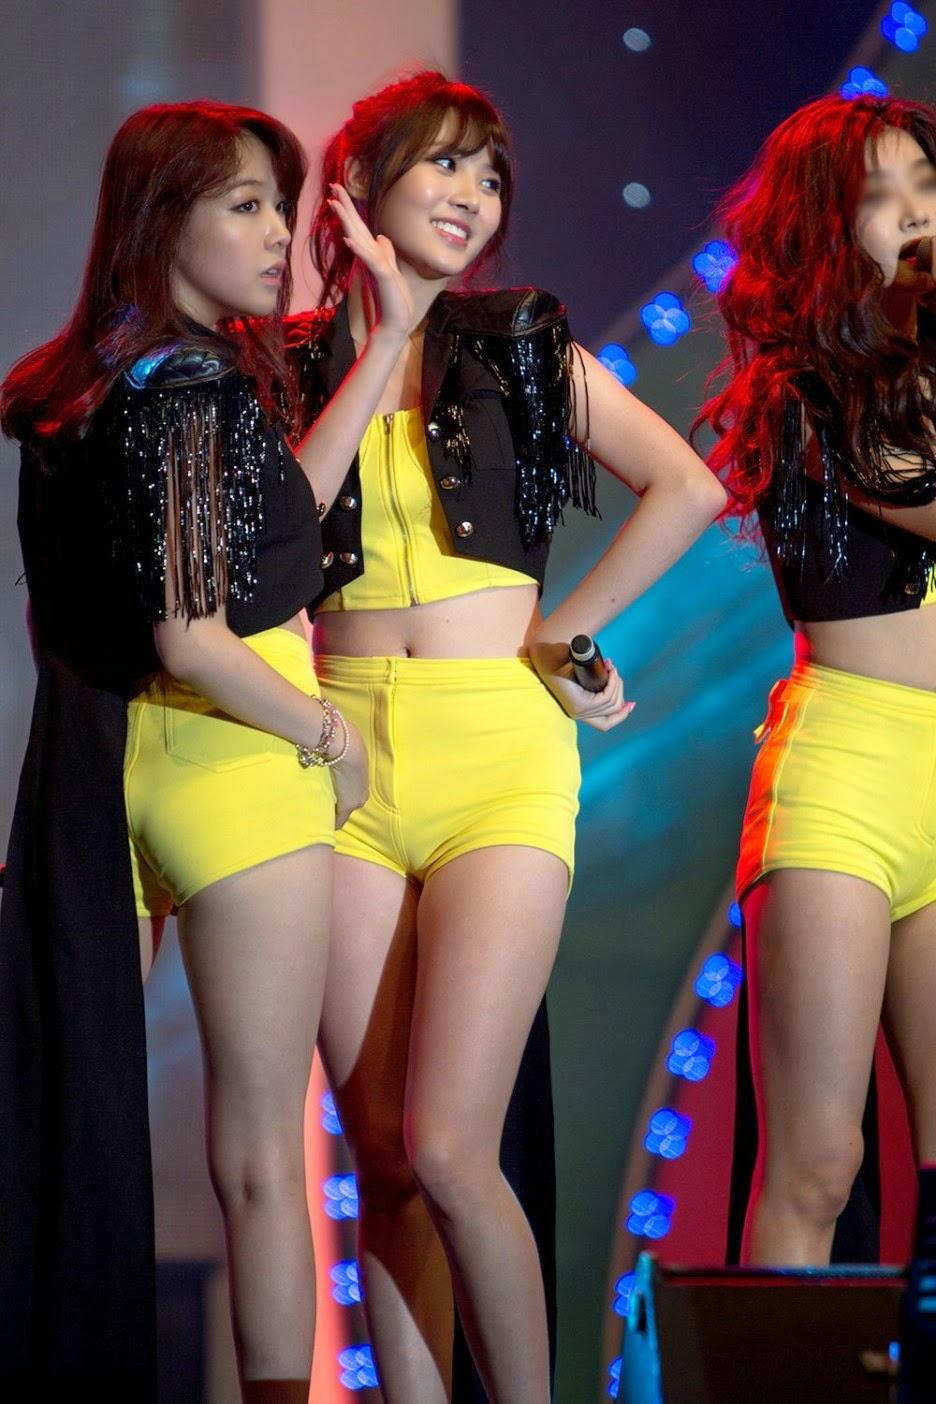 ボード「Kim Seol Hyun (AOA)」のピン